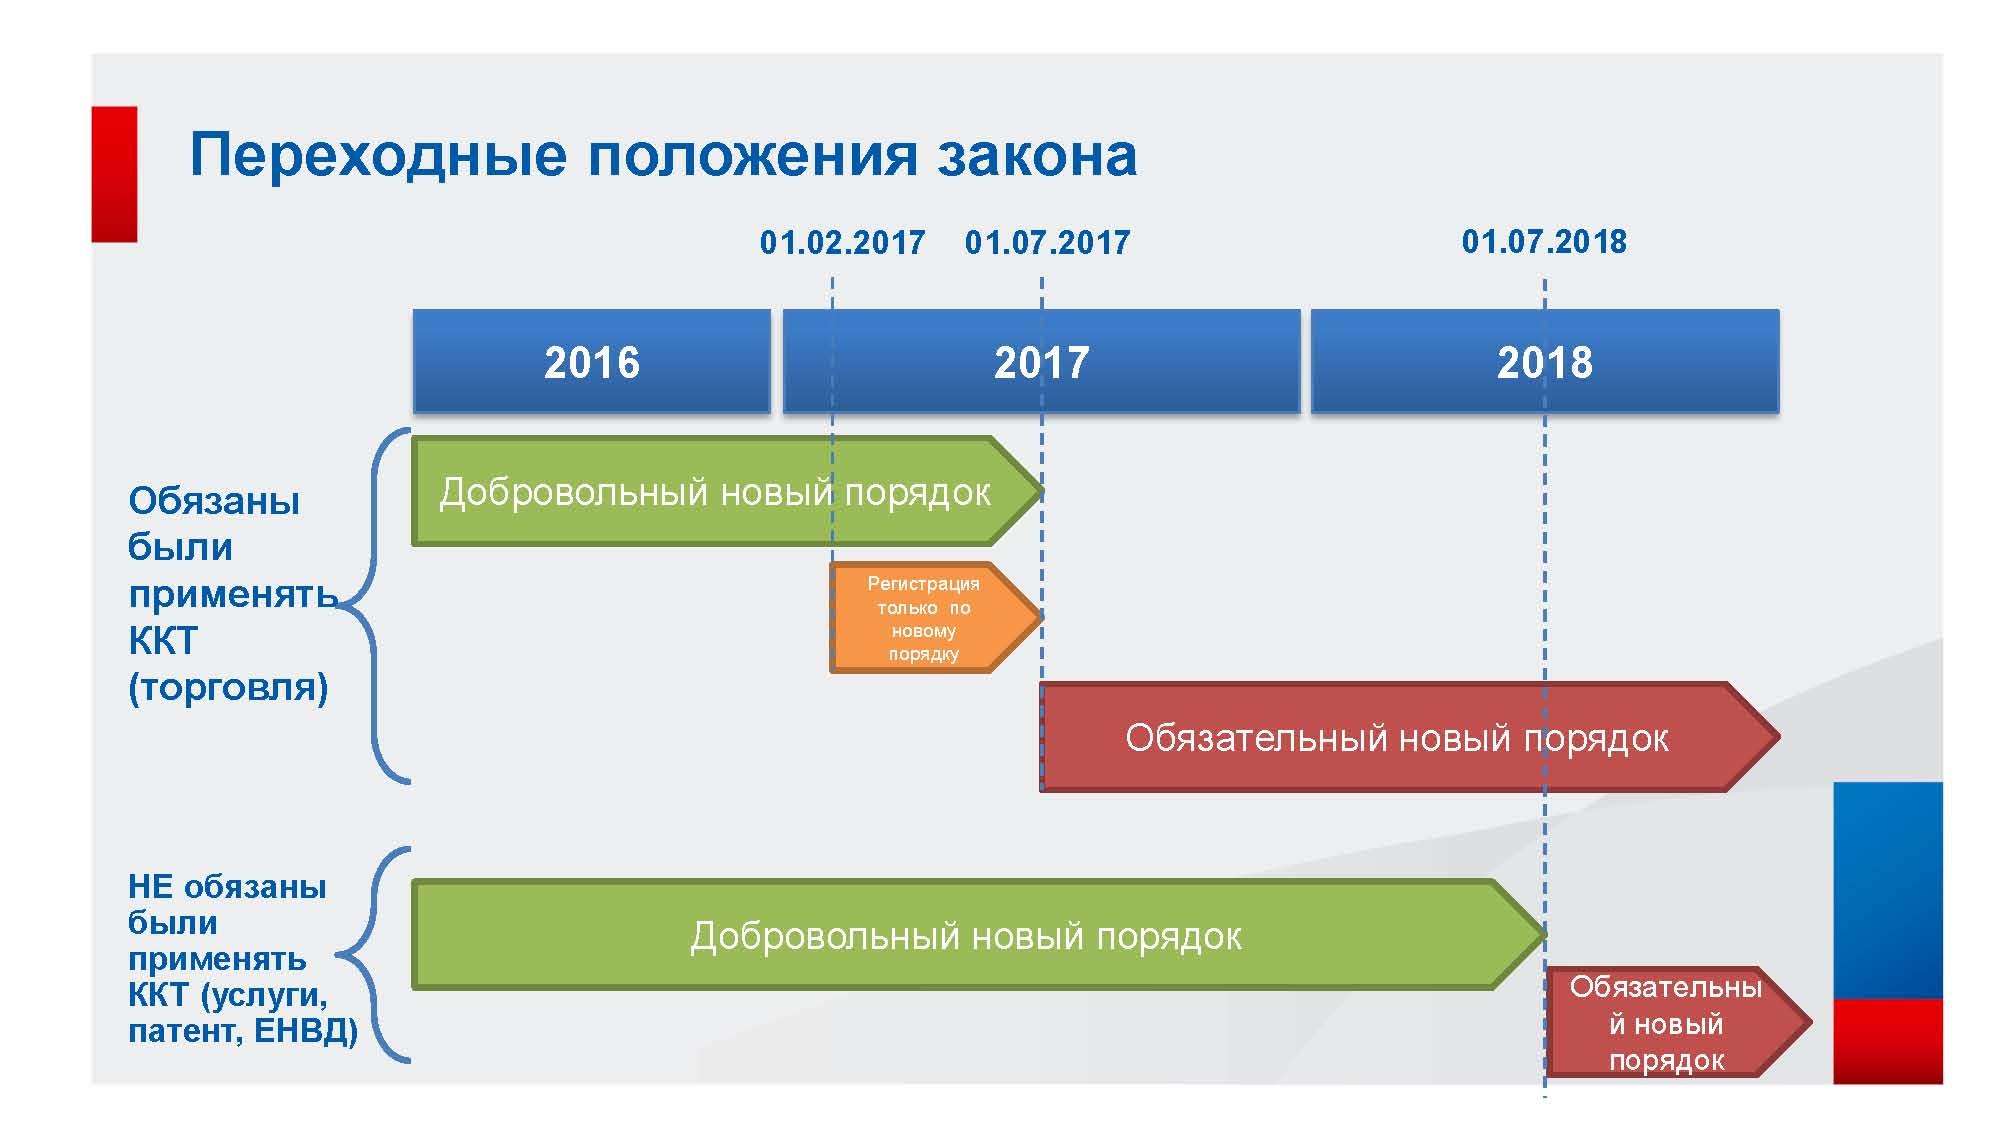 Новый порядок применения ккт в 2017 году